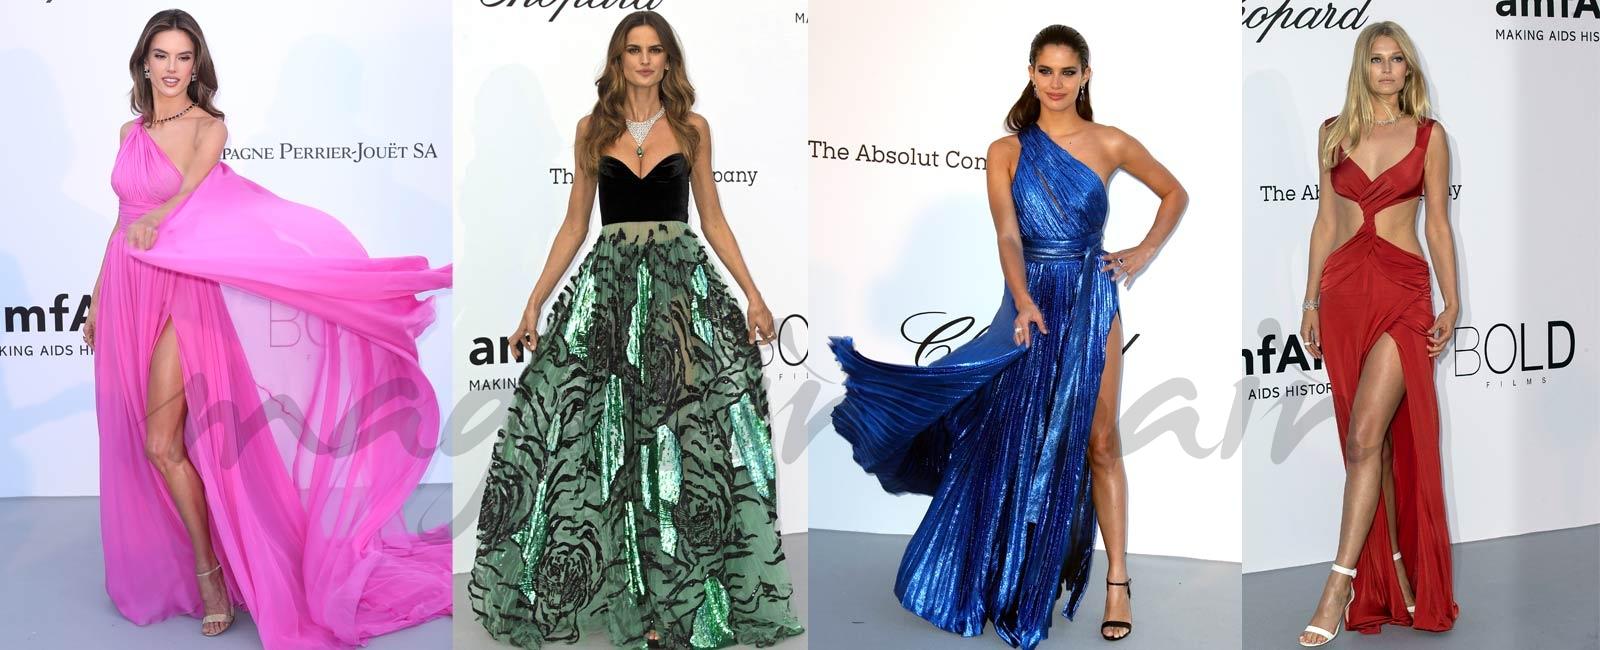 Los mejores looks de la Gala amfAR